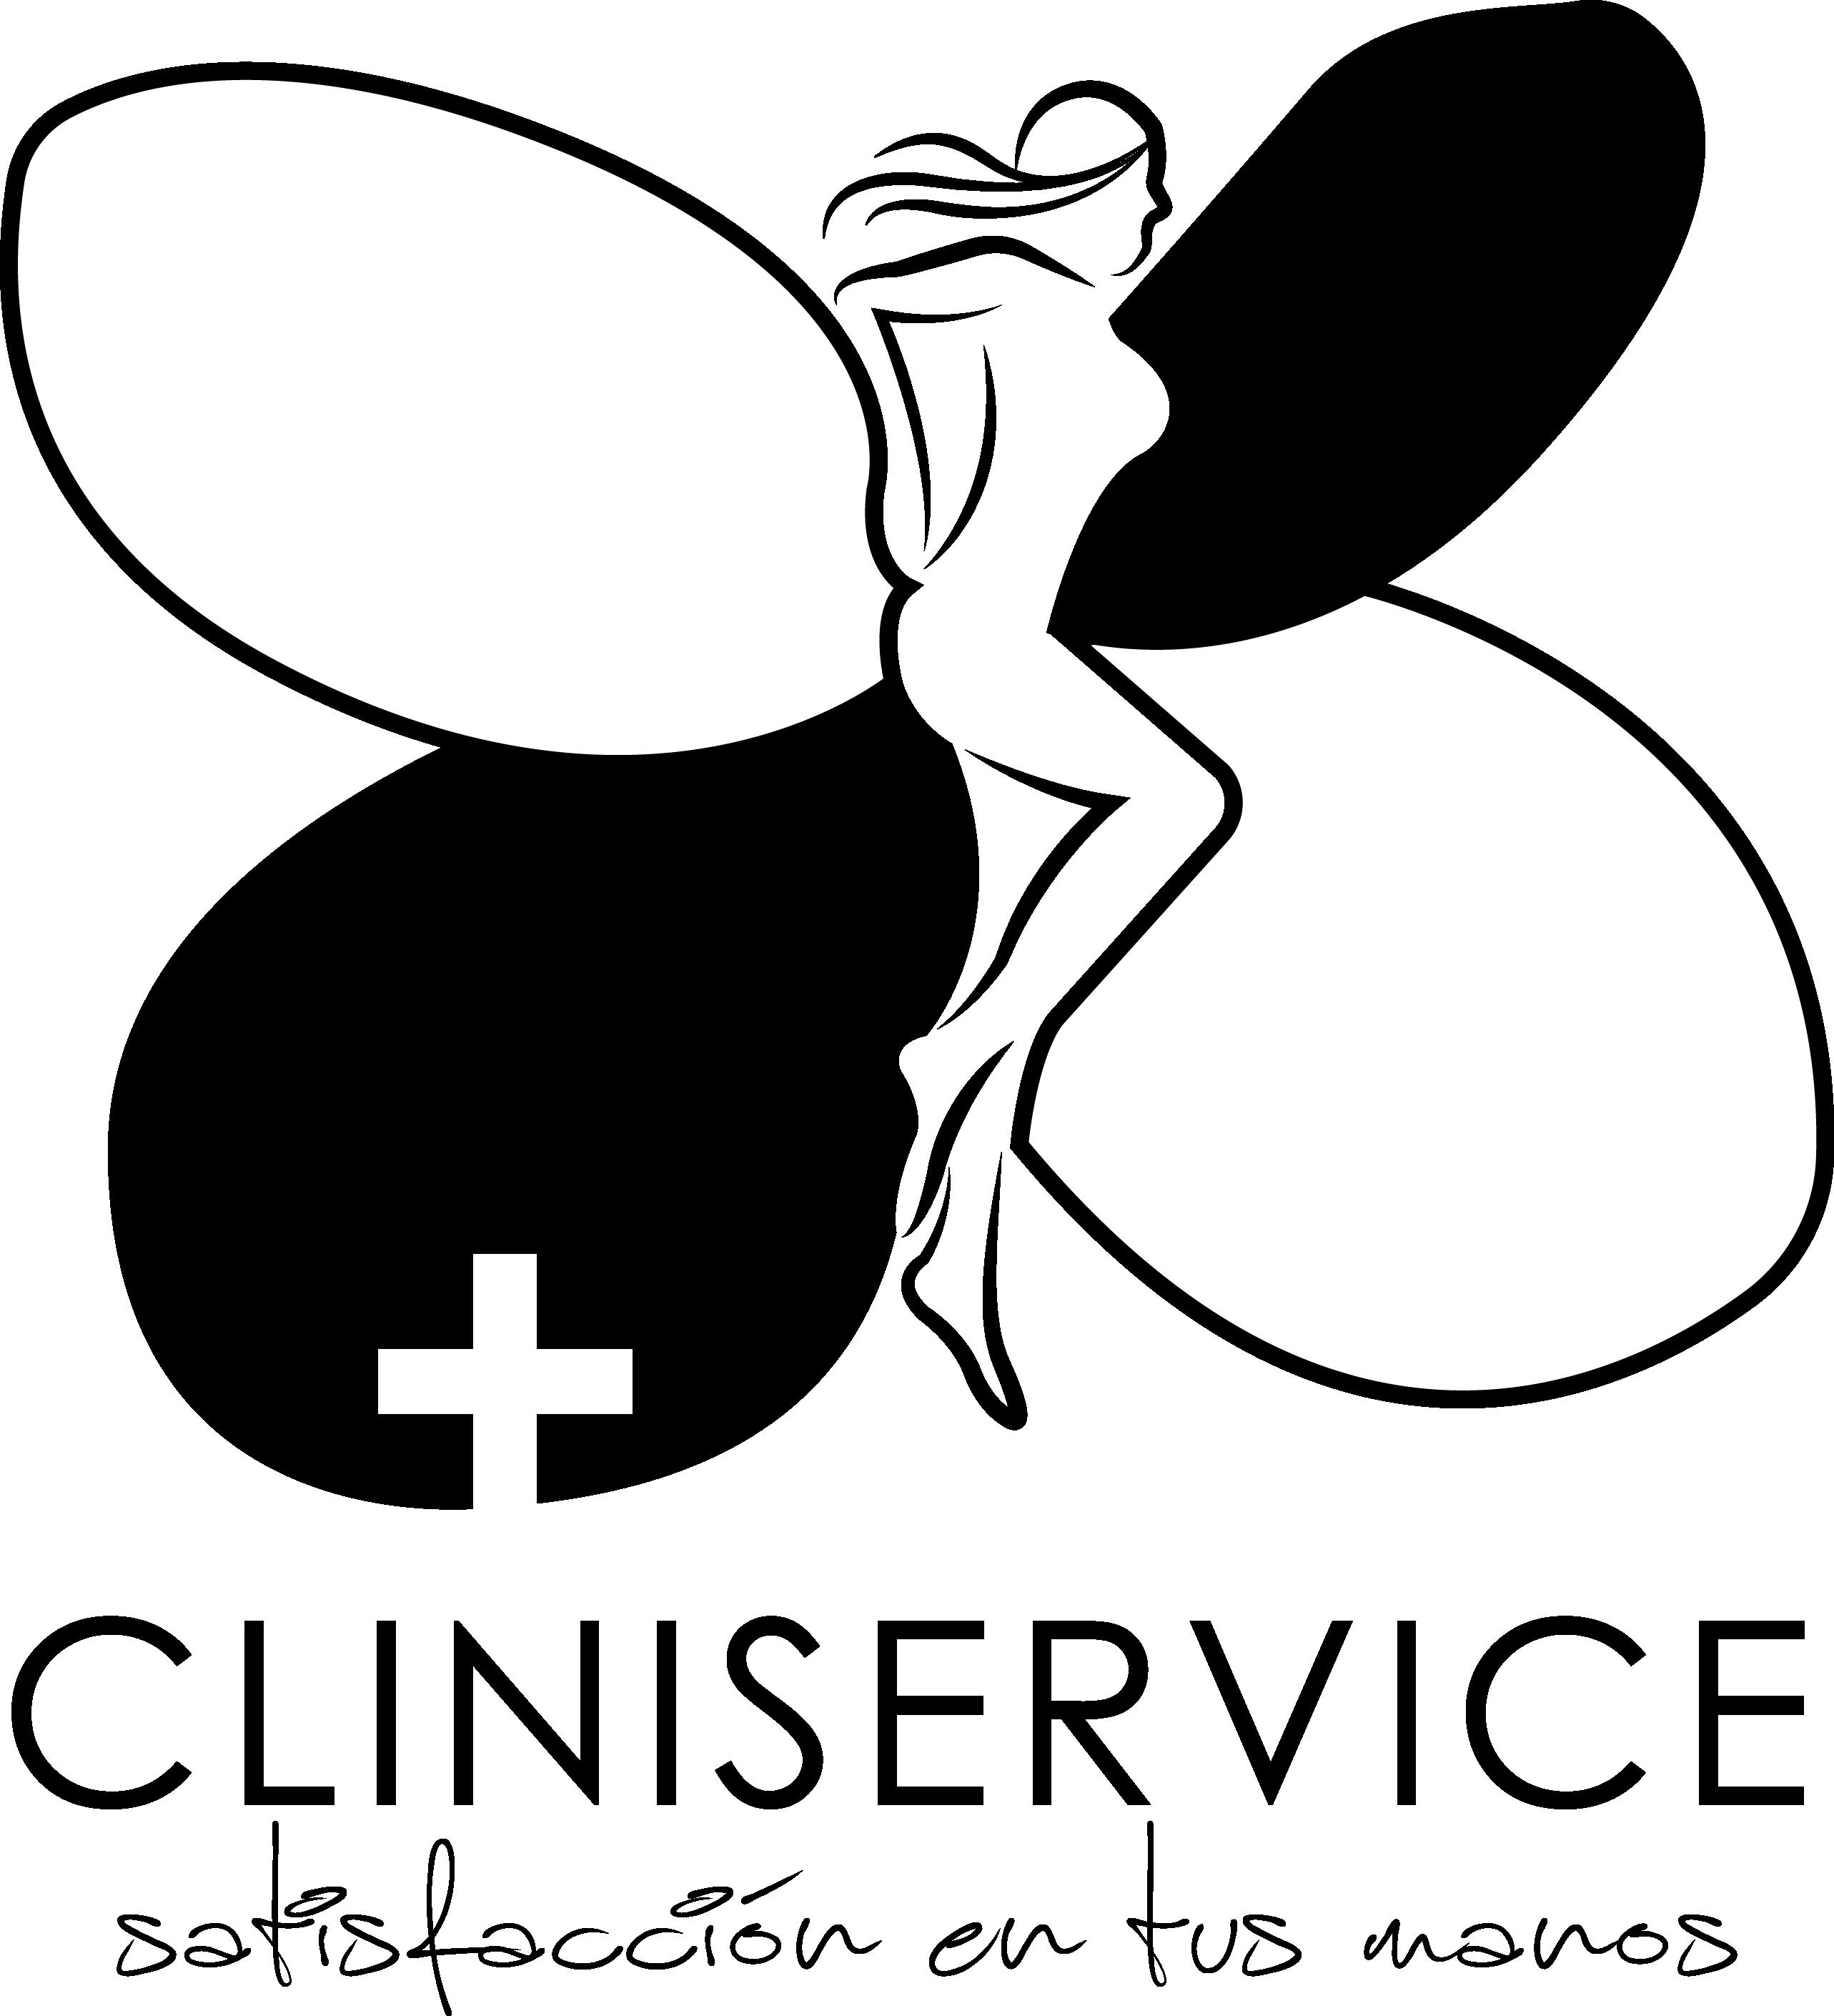 CLINISERVICE blanco y negro NUEVO png